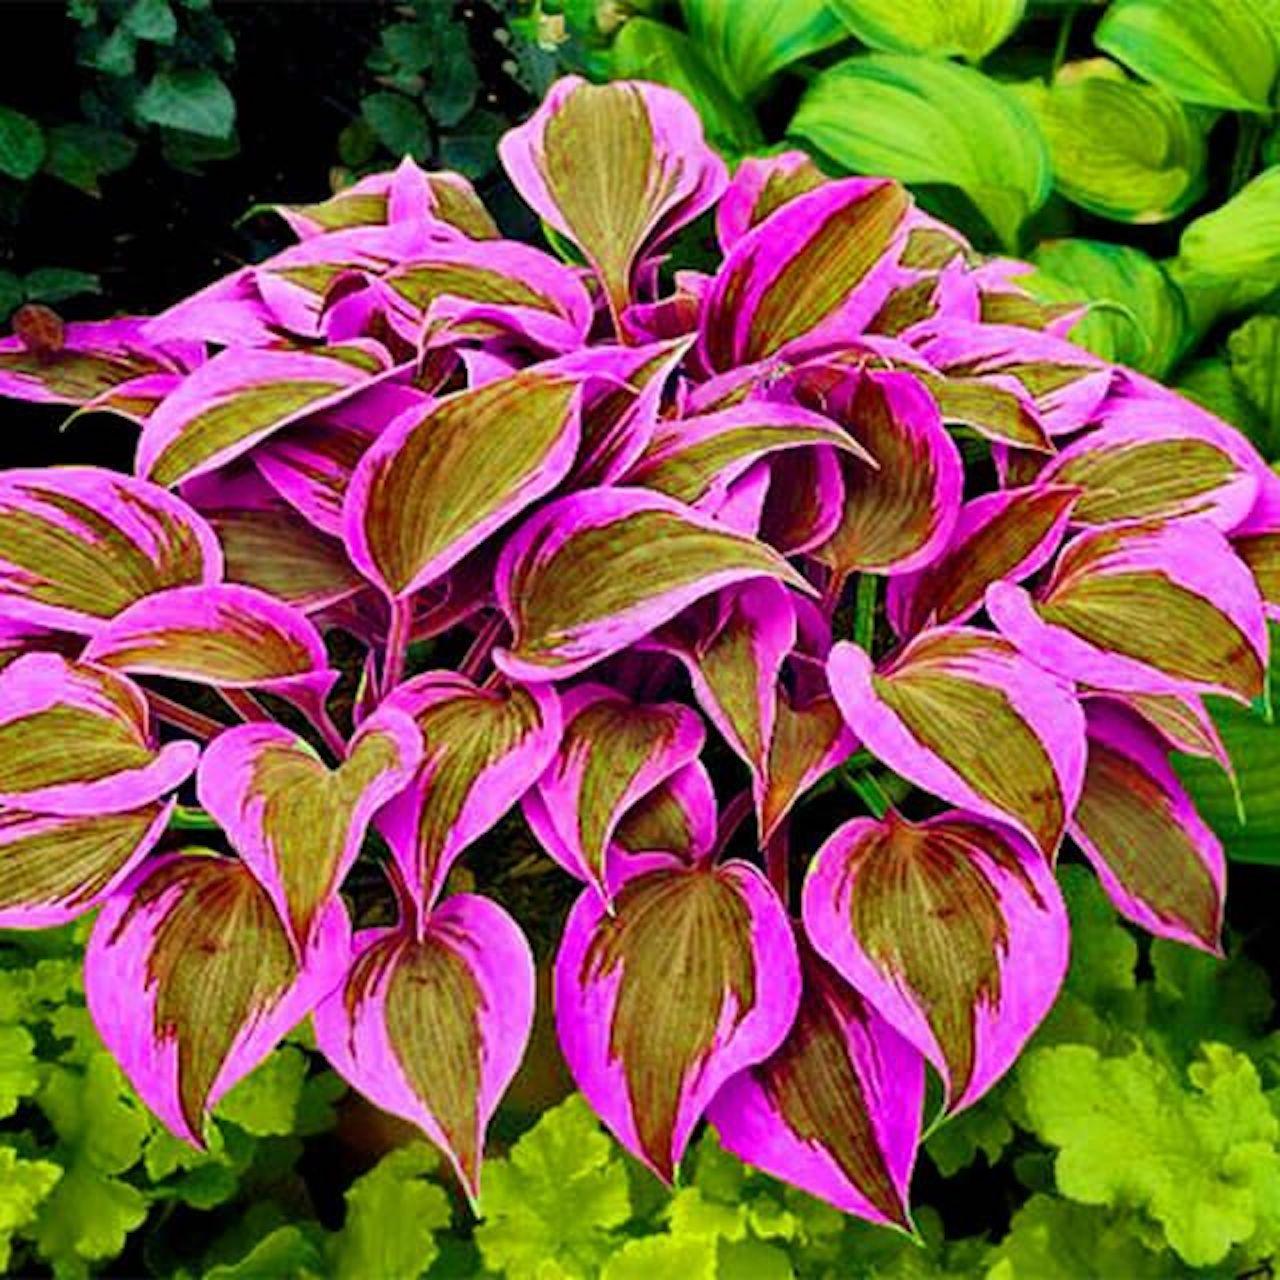 Hosta with photoshopped pink foliage.